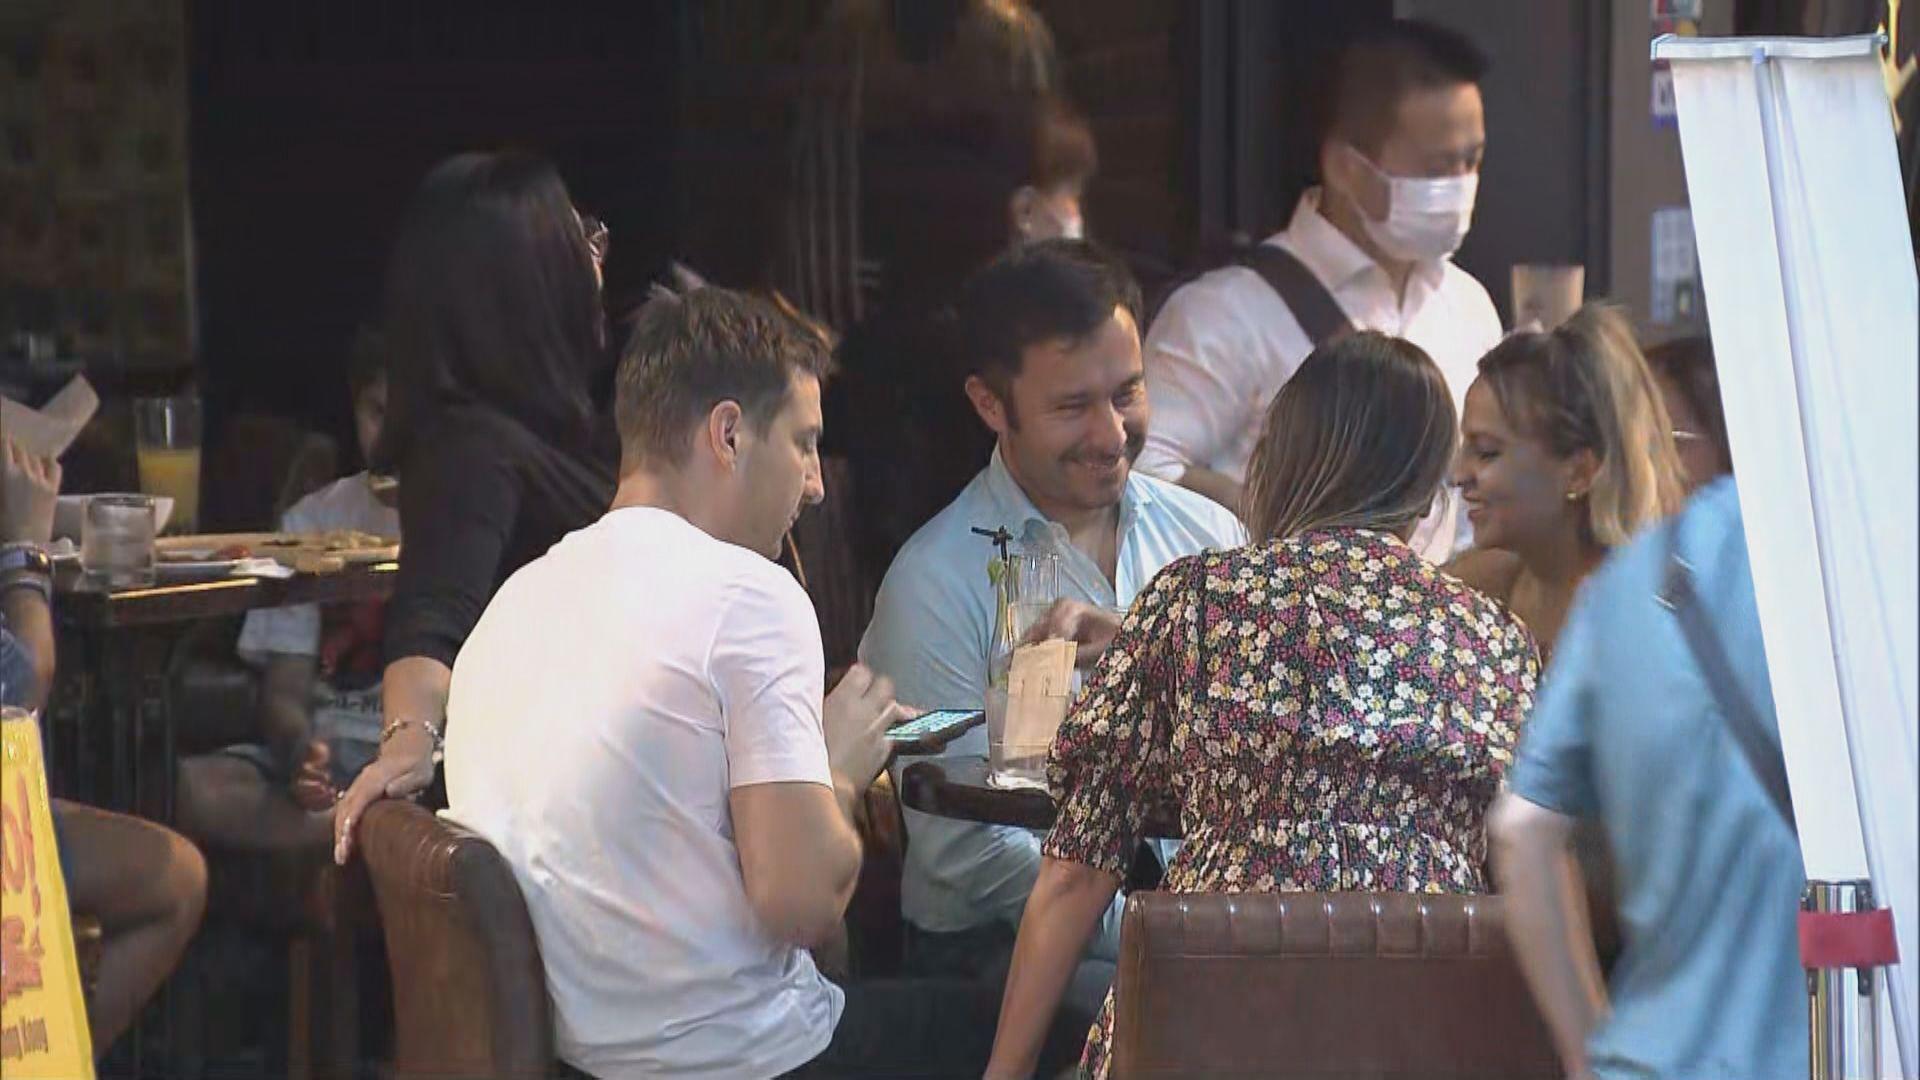 食環署檢控樓上食肆及酒吧 87名顧客遭票控違反限聚令